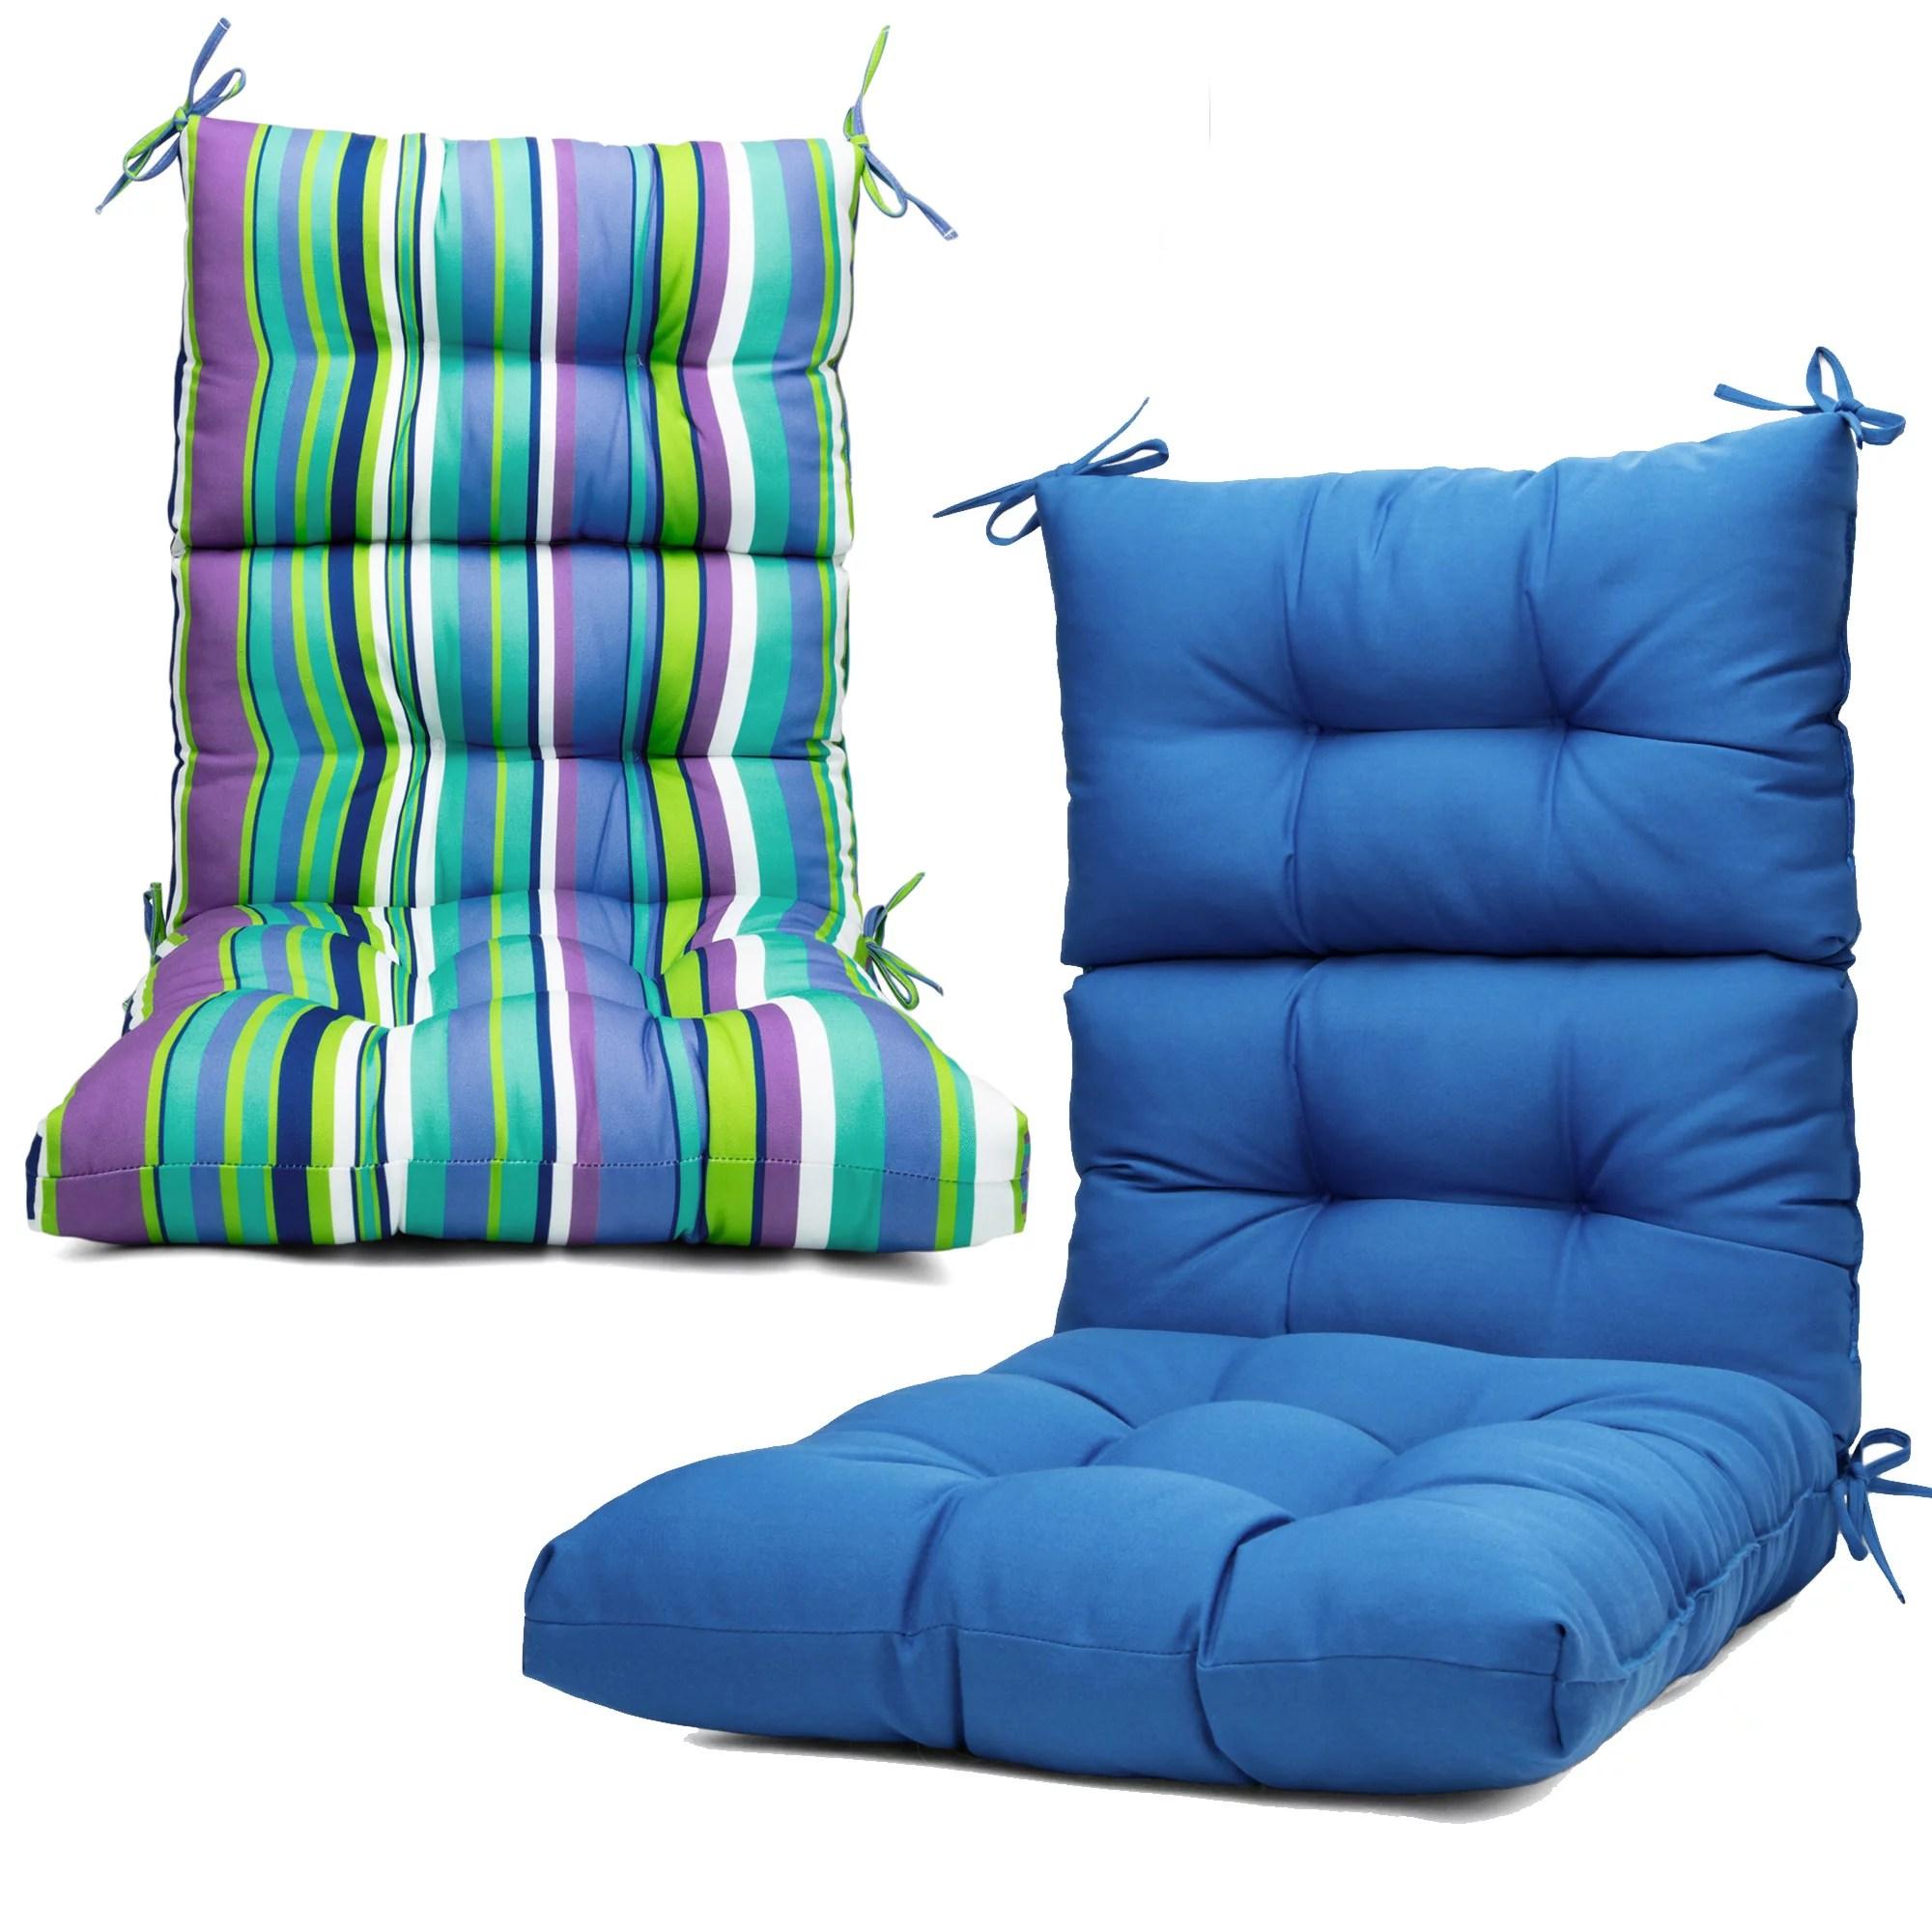 2pcs 44x21 inch solid chair cushion